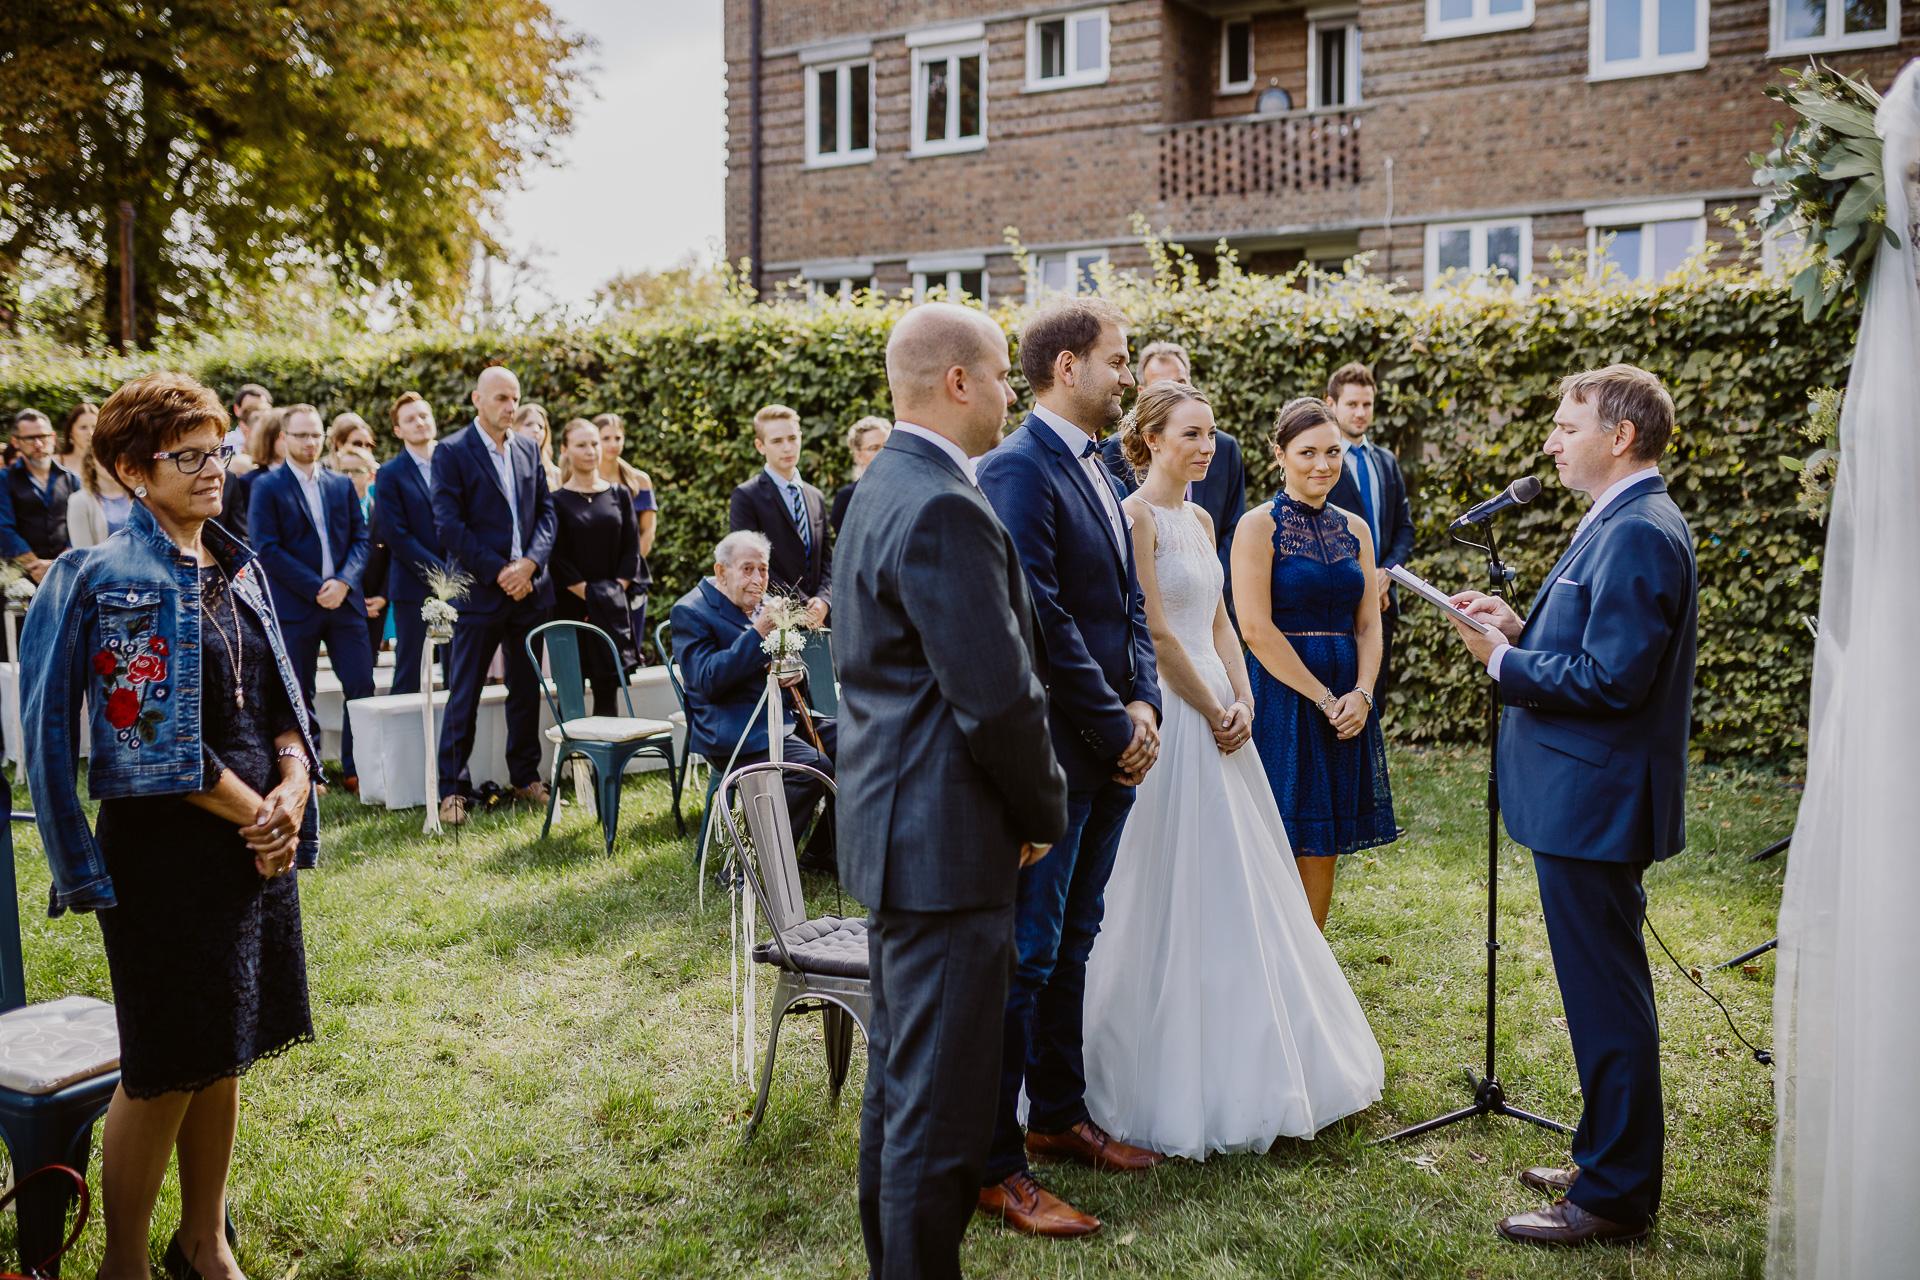 Alexander Utz, Fotografie, Hochzeit, Augsburg, Brautkleid, Brautstrauss-114